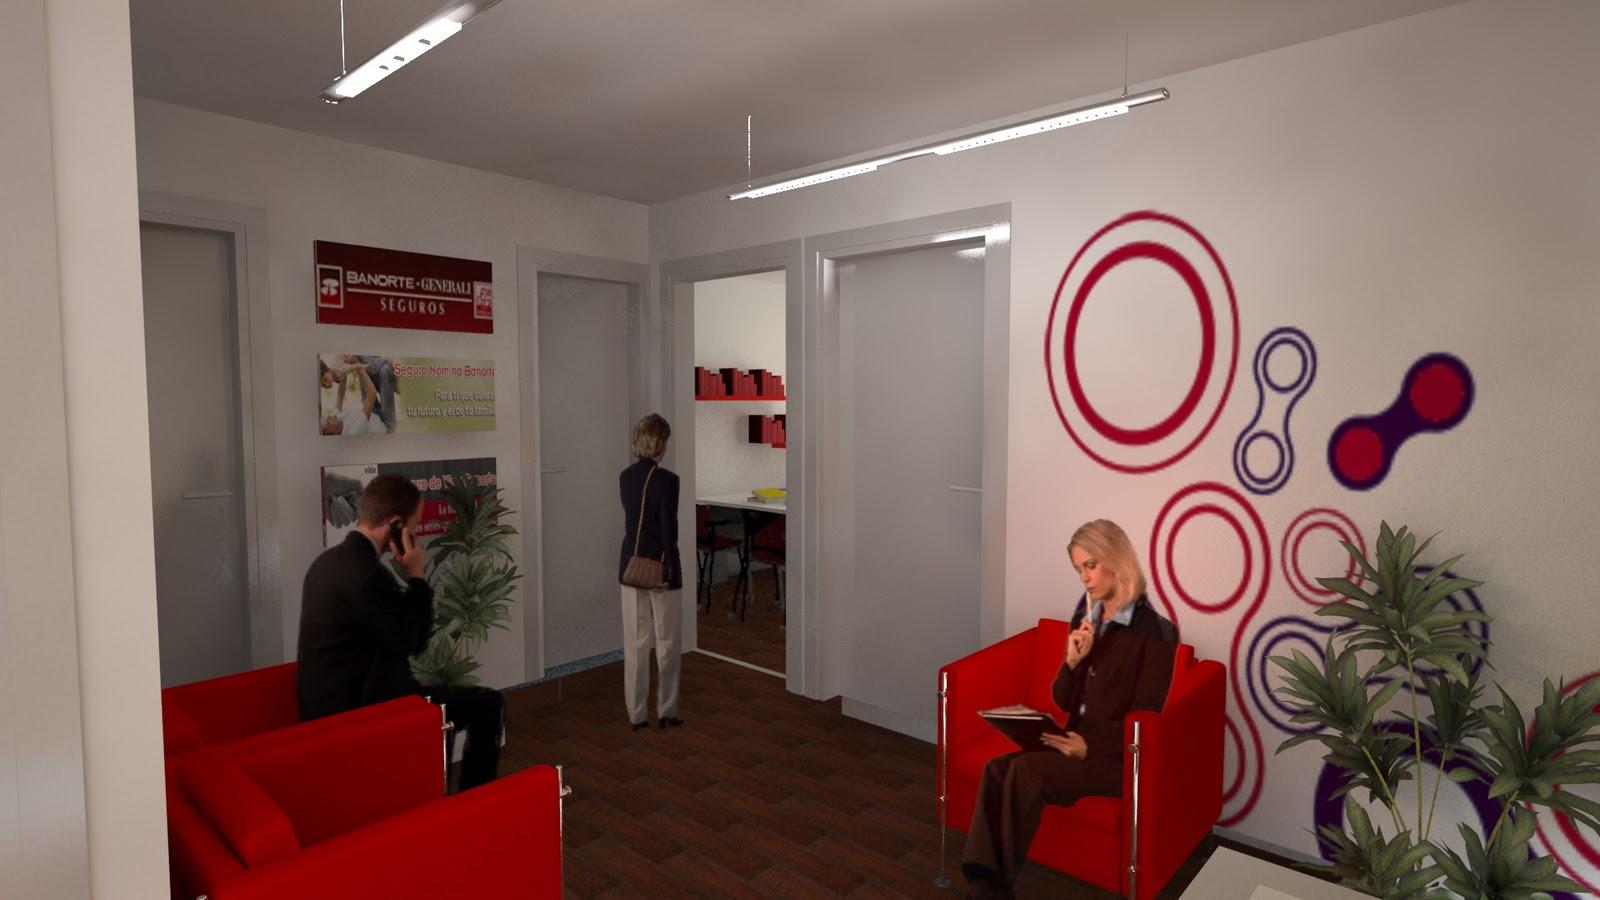 Arces construcci n y proyecto proyecto de remodelaci n for Remodelacion oficinas